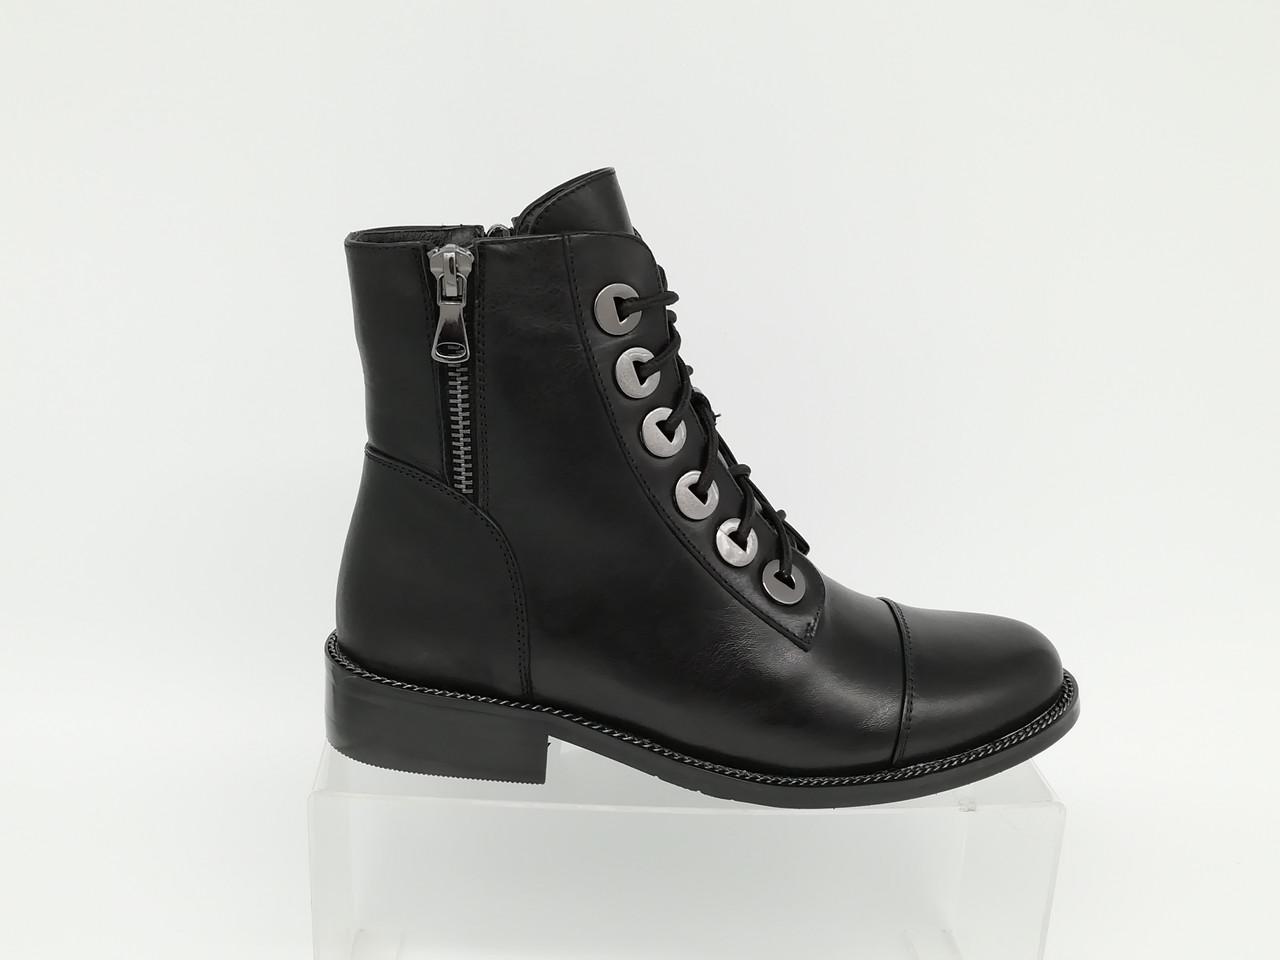 Черные кожаные ботиночки на каблуке ERISSES. Маленькие размеры.